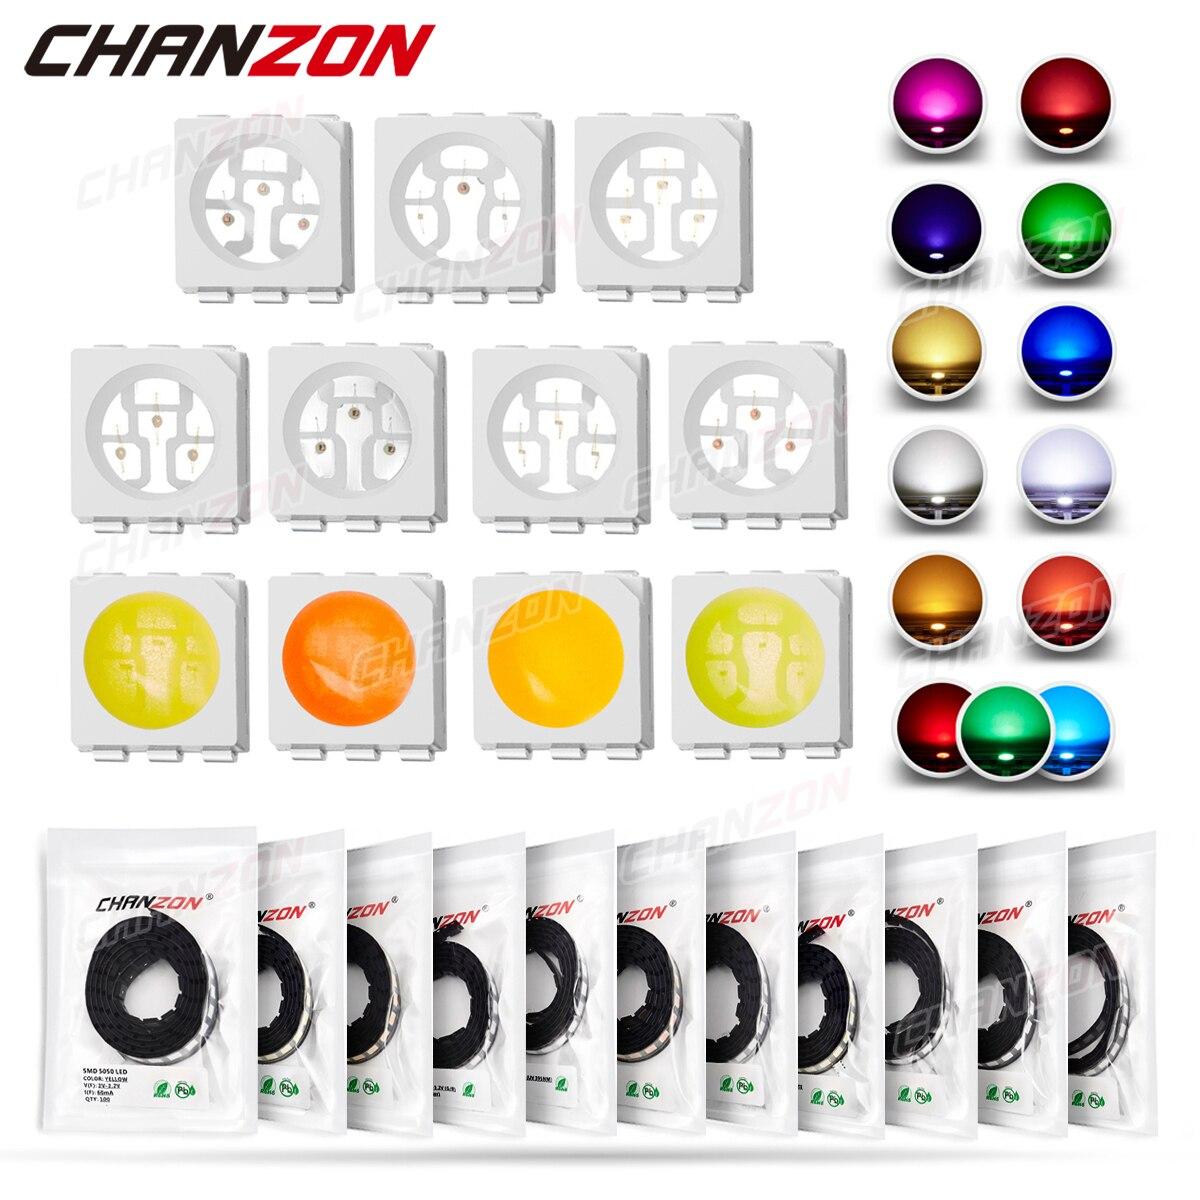 100 шт. SMD 5050 (2020), светодиодные излучающие диоды, чип лампы, теплый холодный белый, красный, зеленый, синий, желтый, оранжевый, УФ, розовый, RGB, 3 в, ...